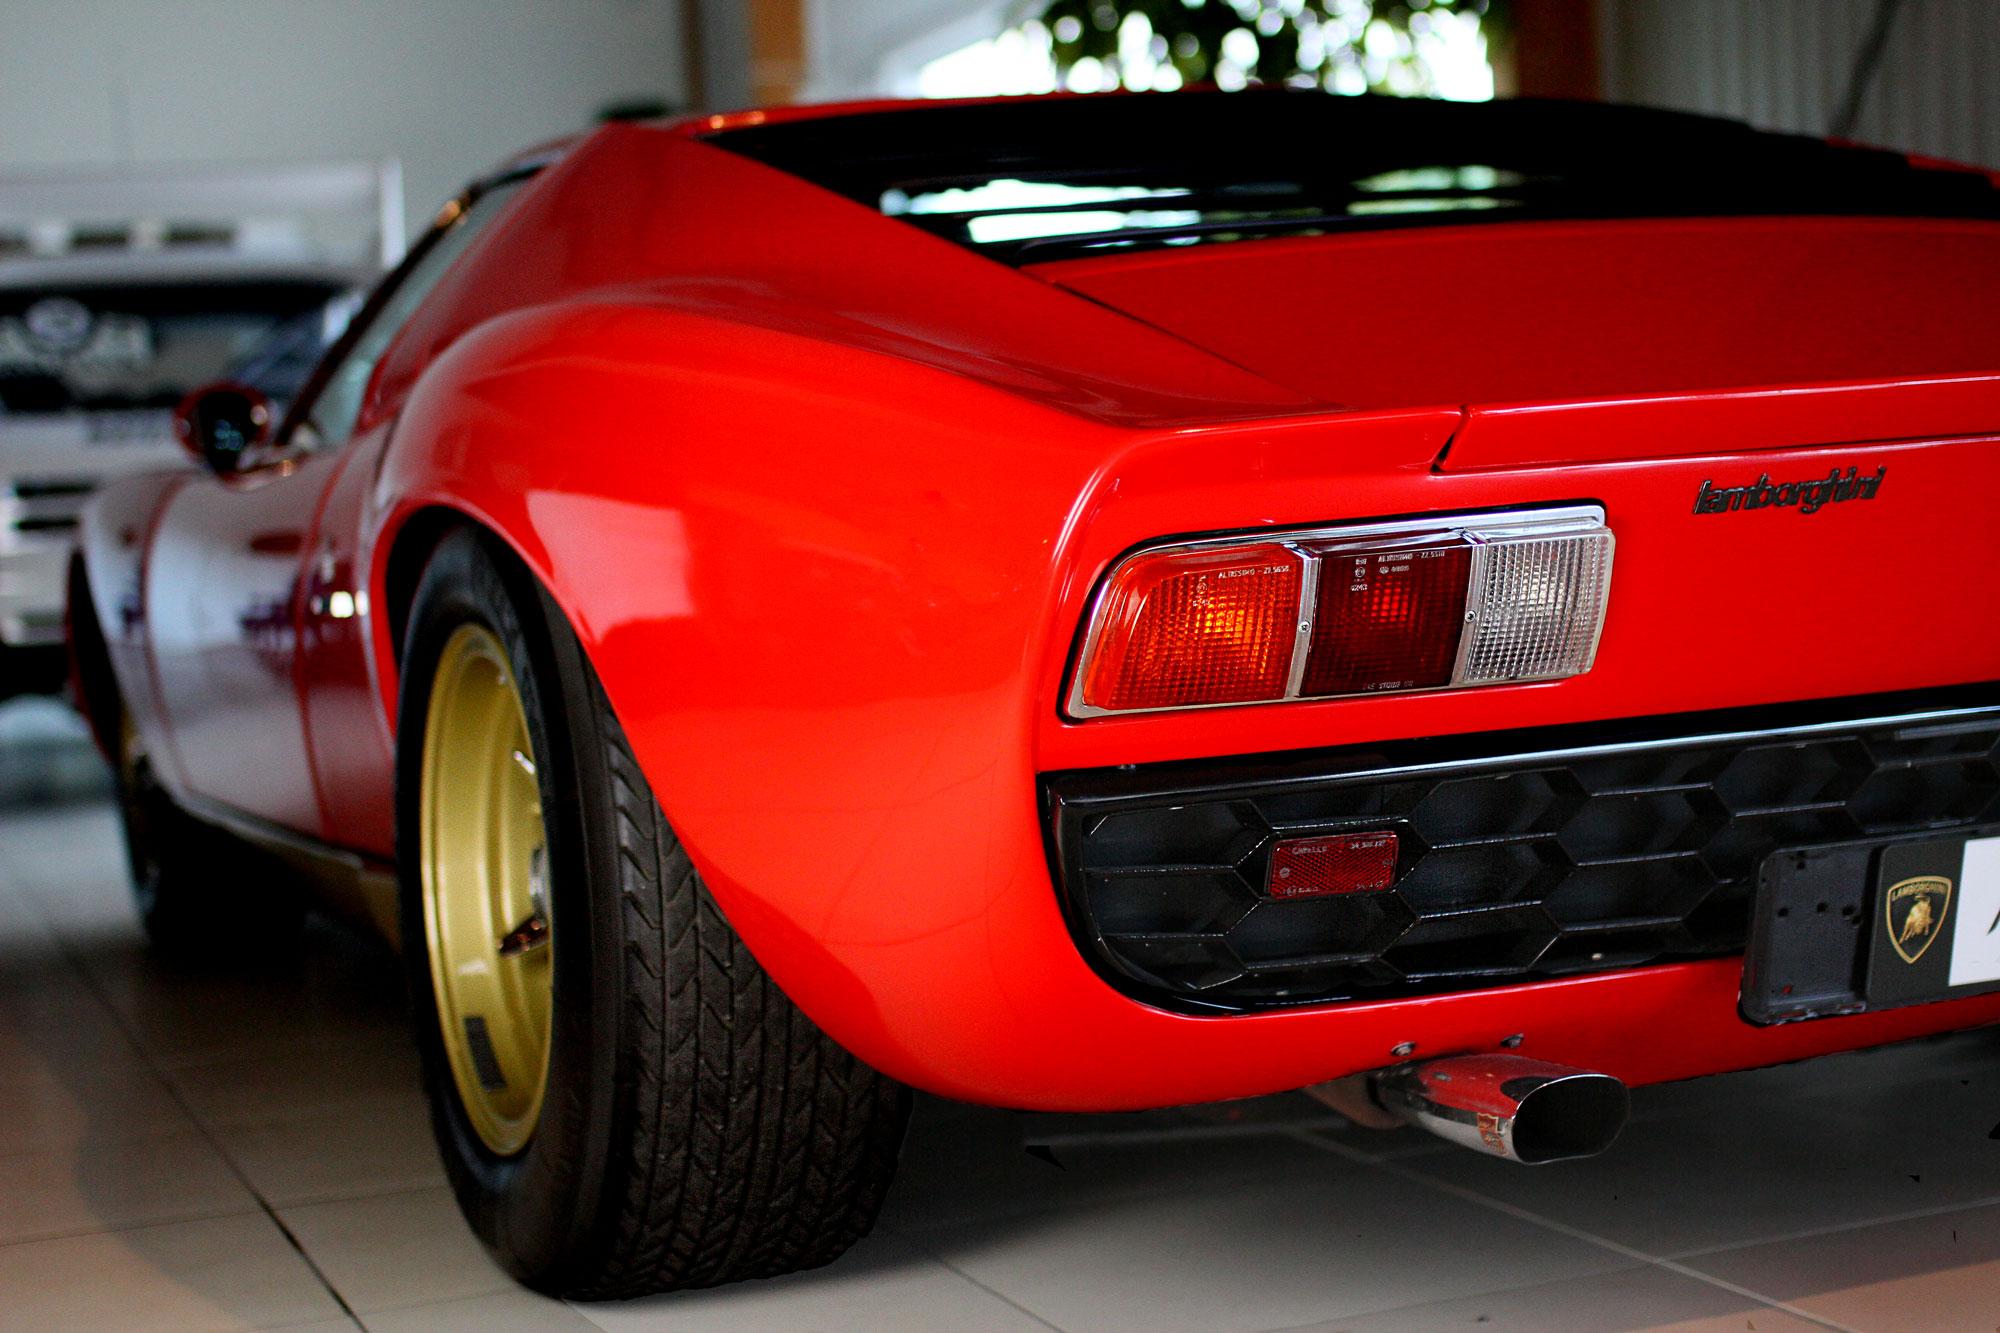 Röd Lamborghini Miura med guld fälgar som står på ett gråvitt klinkers golv i ett garage